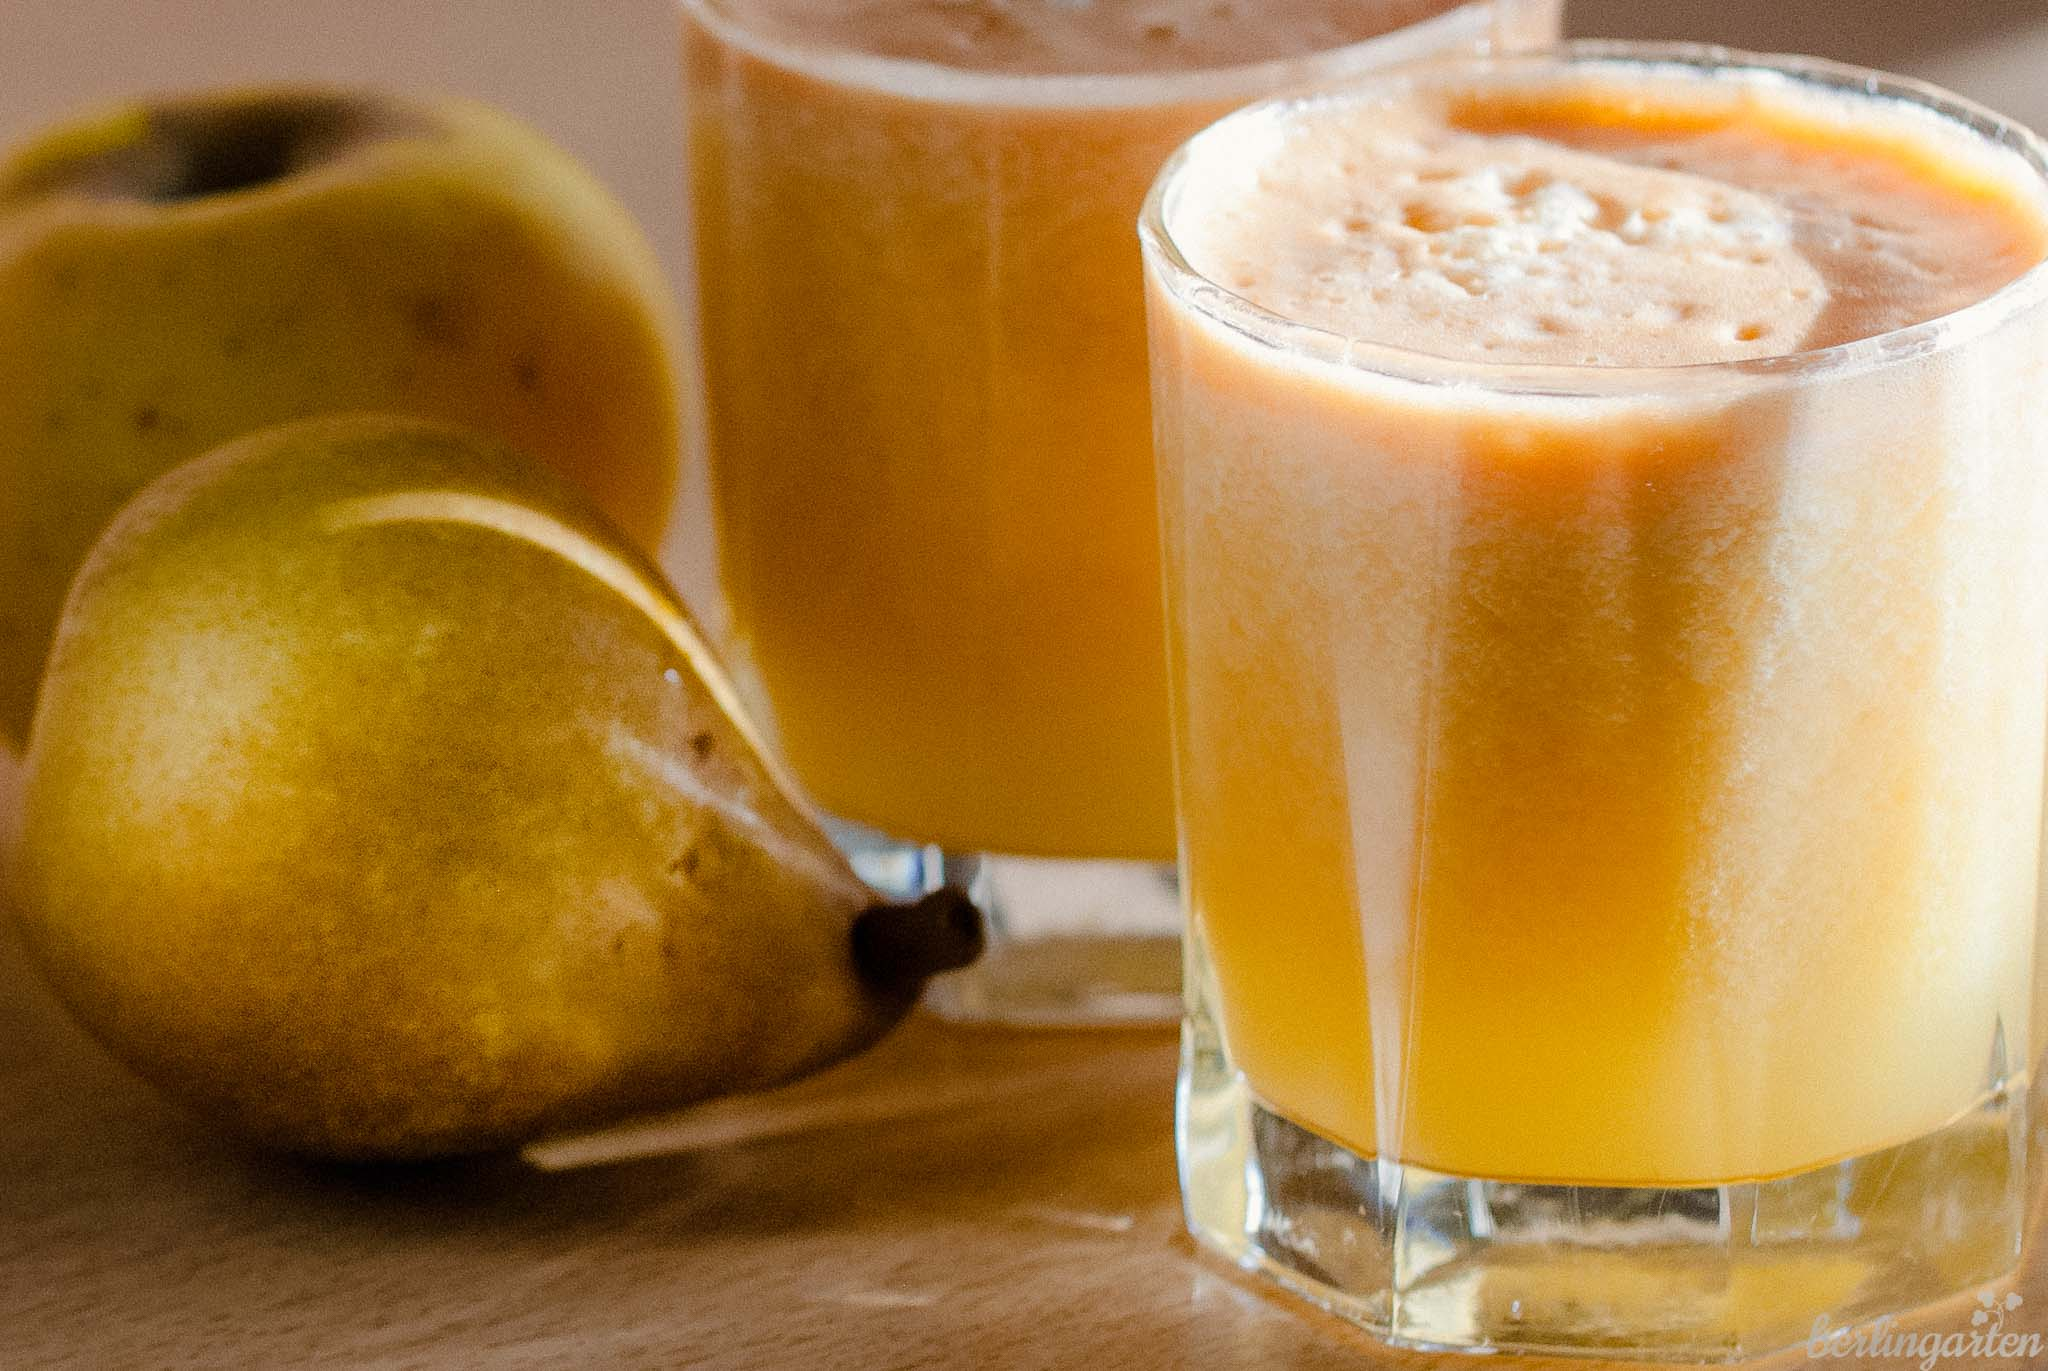 Apfelsaft herstellen